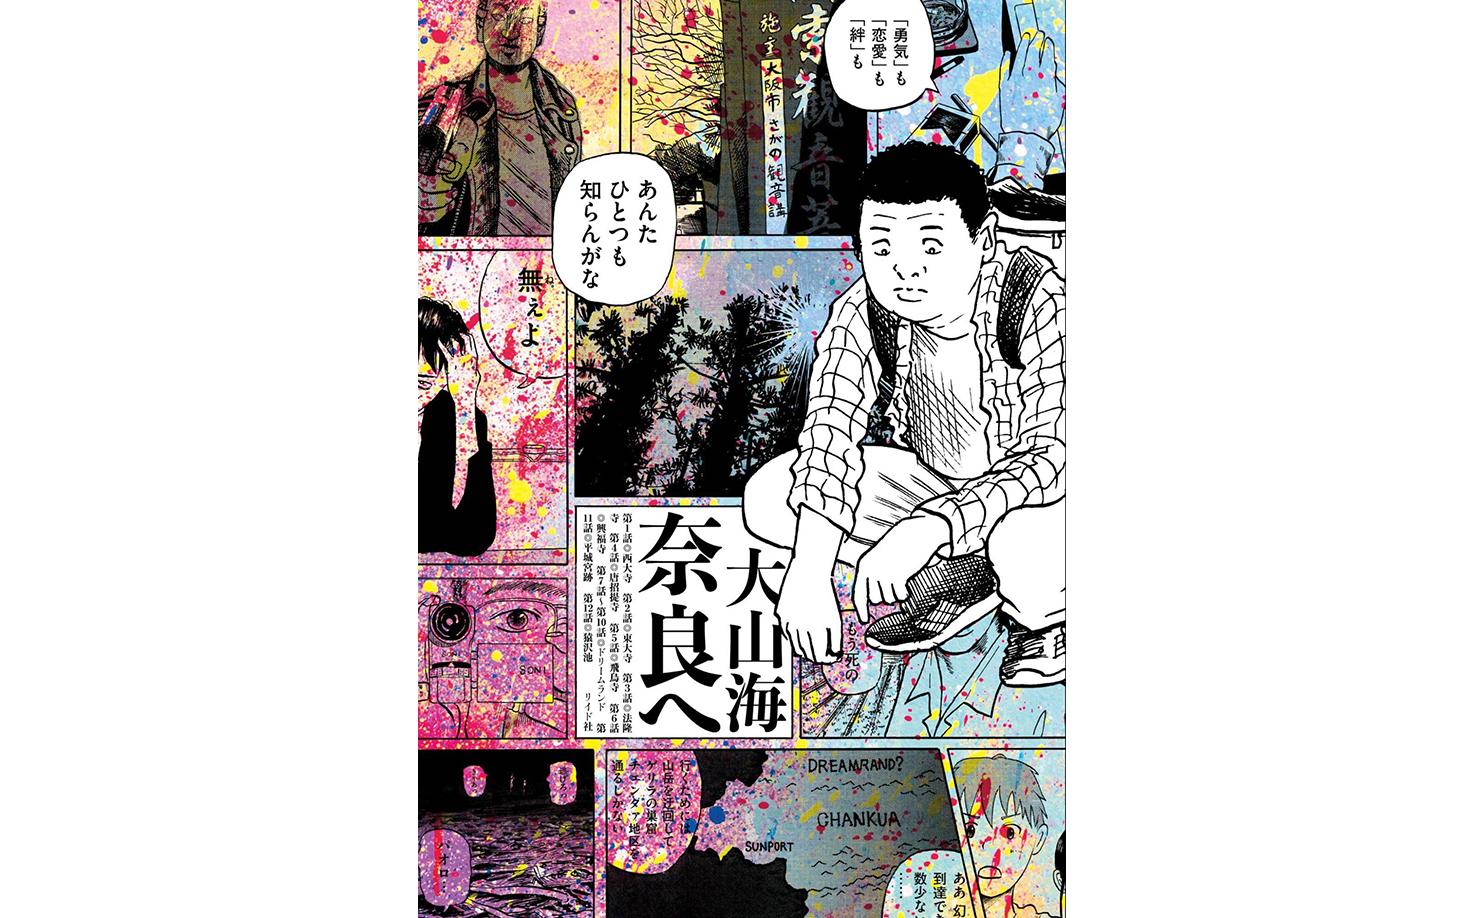 【旅行気分 Vol.1】『奈良へ』で時空をトリップする